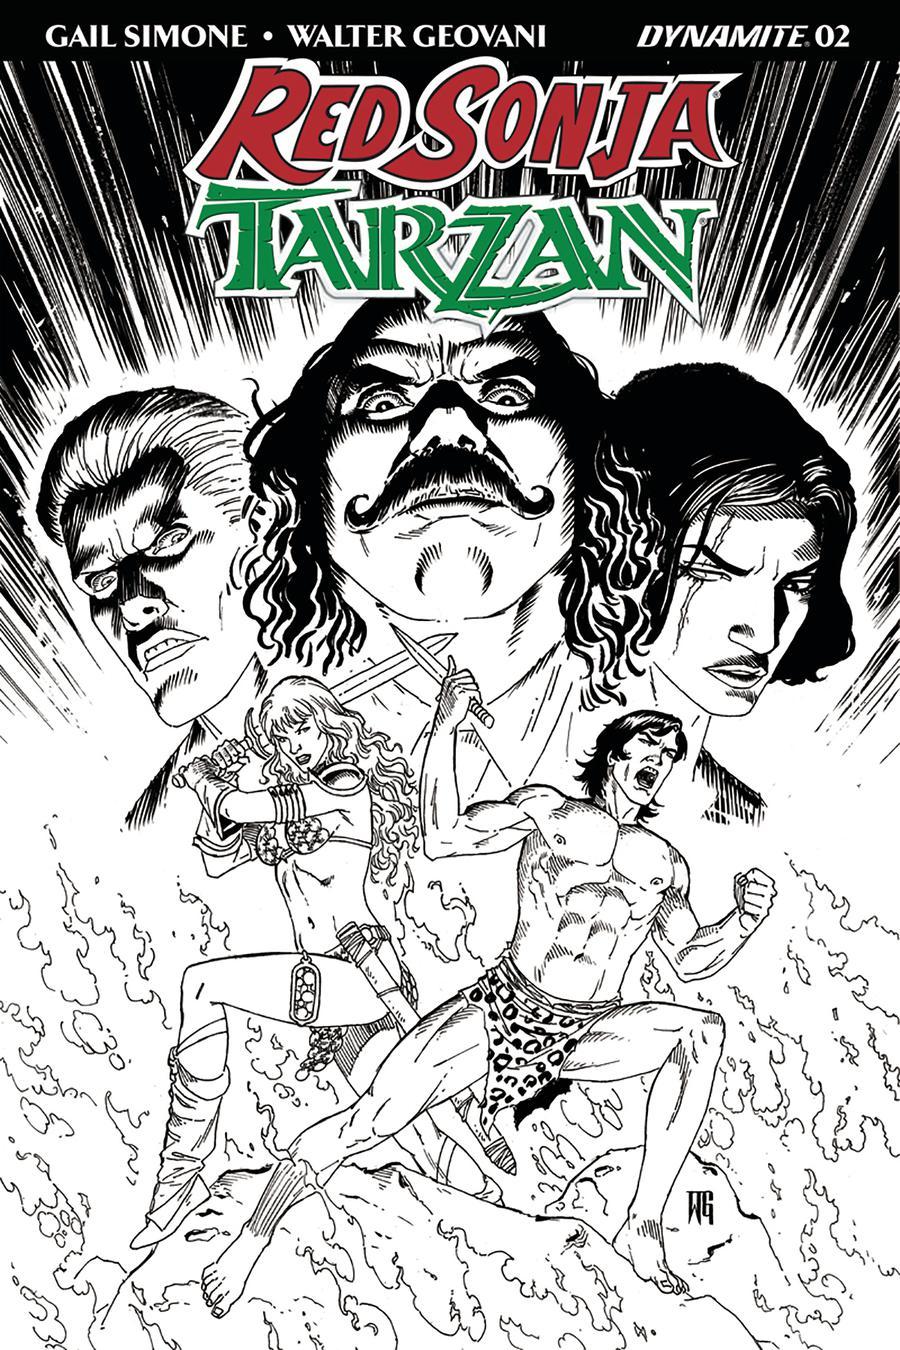 Red Sonja Tarzan #2 Cover E Incentive Walter Geovani Black & White Cover